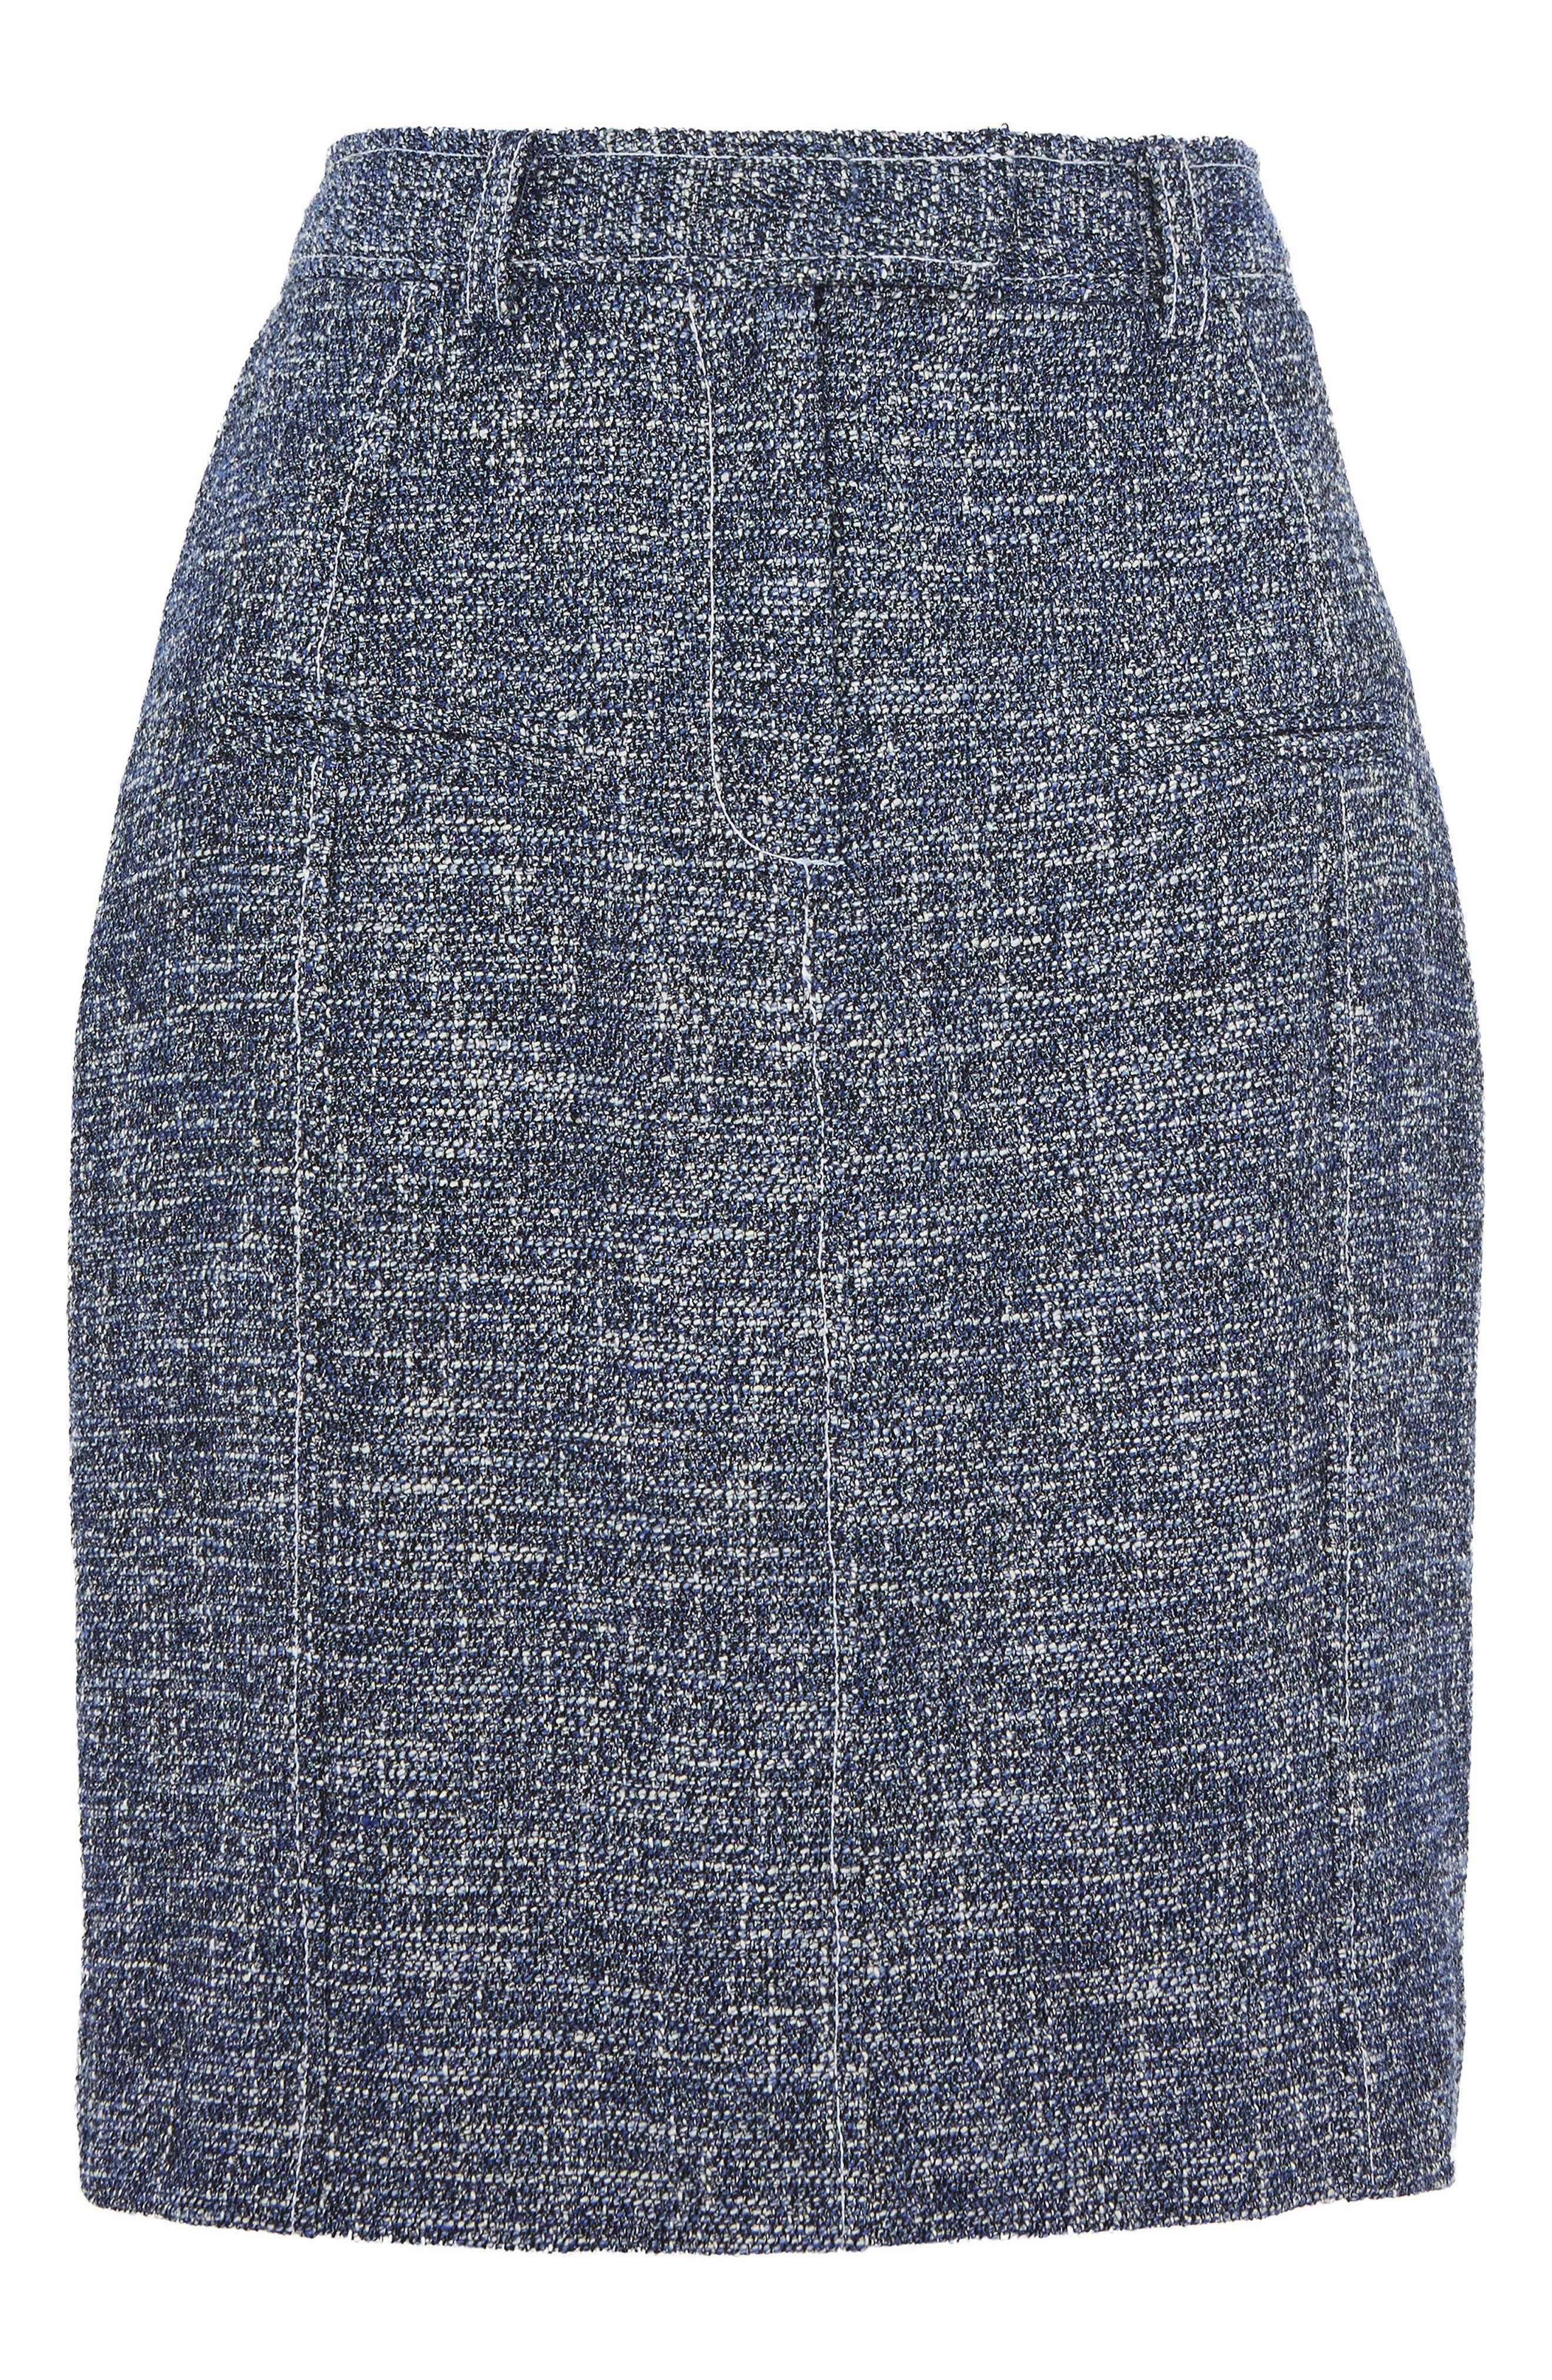 Bouclé Pencil Skirt,                         Main,                         color, Blue